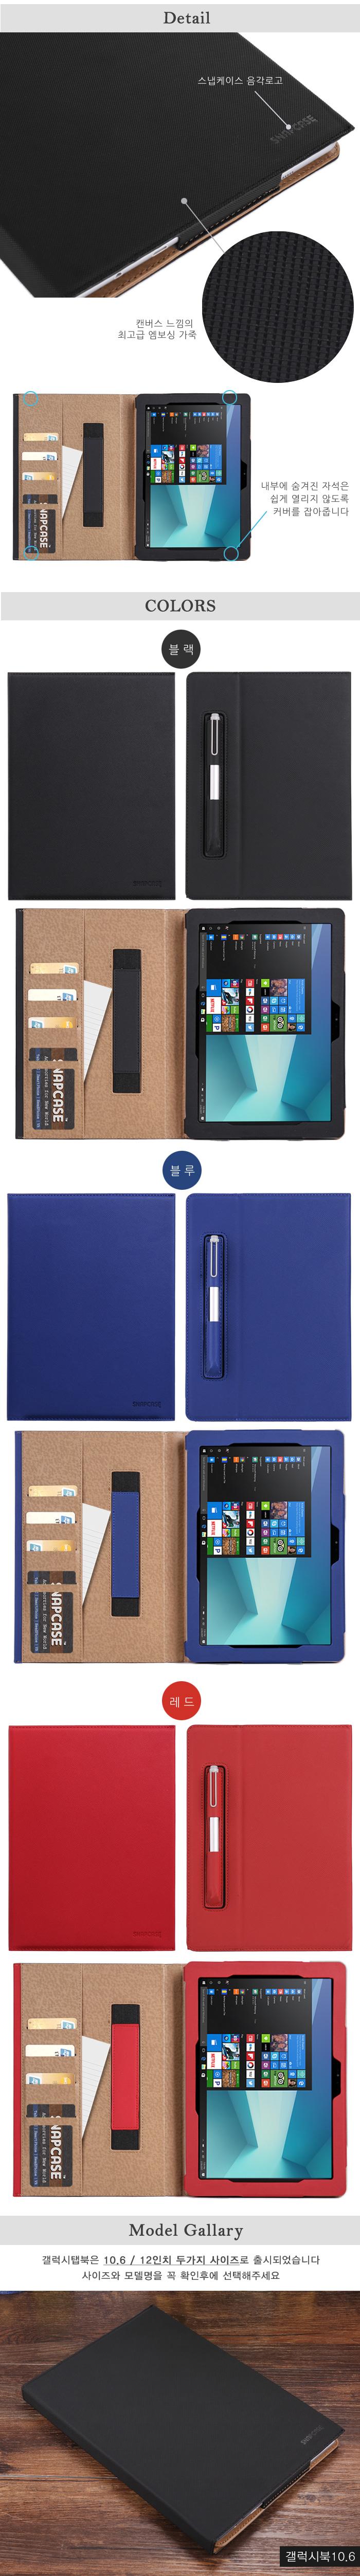 스냅케이스 갤럭시북12 10.6 캔버스북커버 가죽케이스 - 스냅케이스, 23,000원, 케이스, 기타 갤럭시 제품